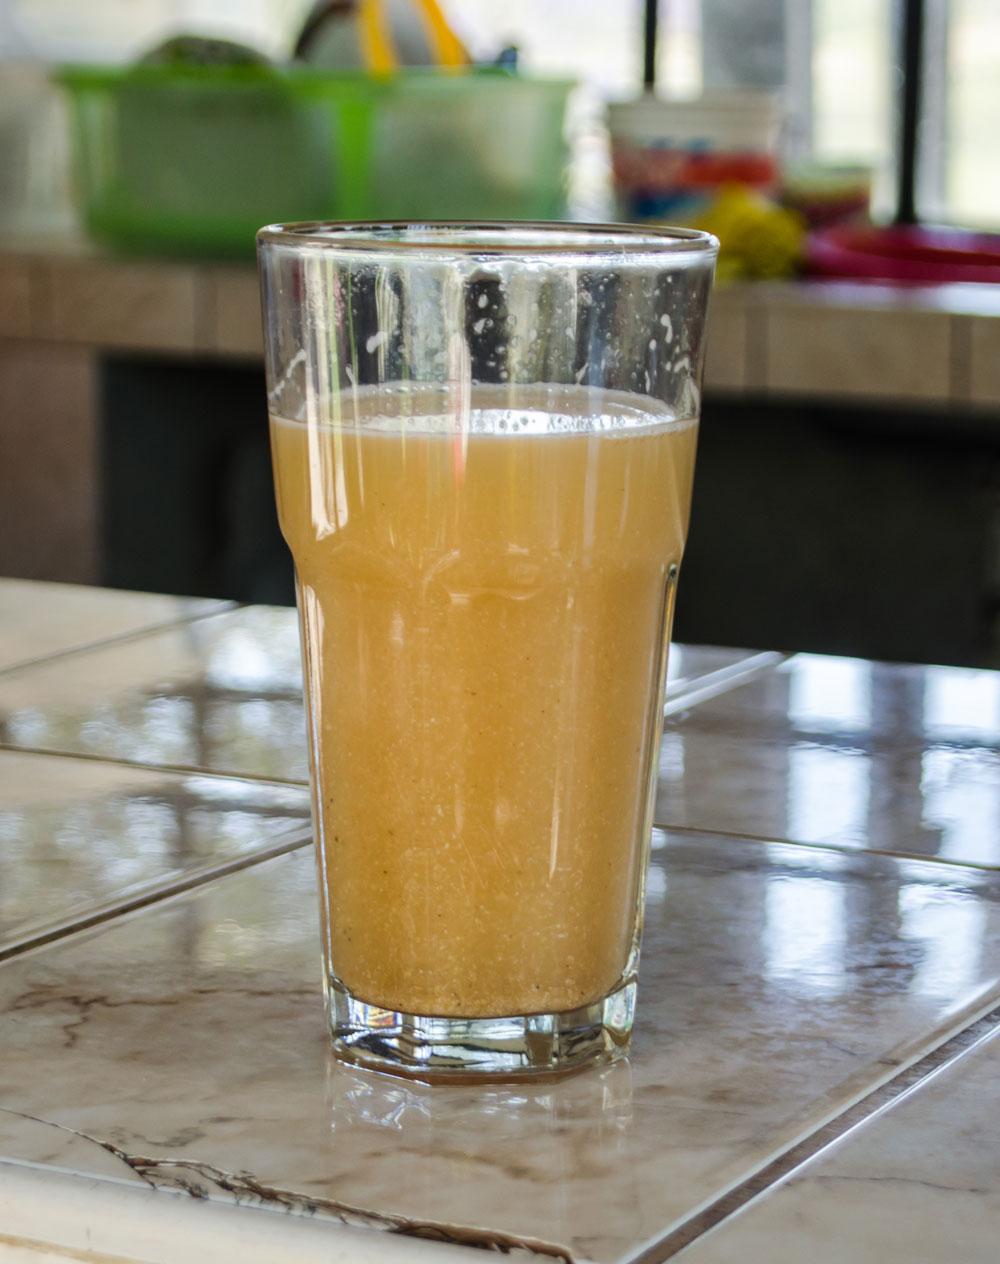 Peruvian Drink Chicha de Jora